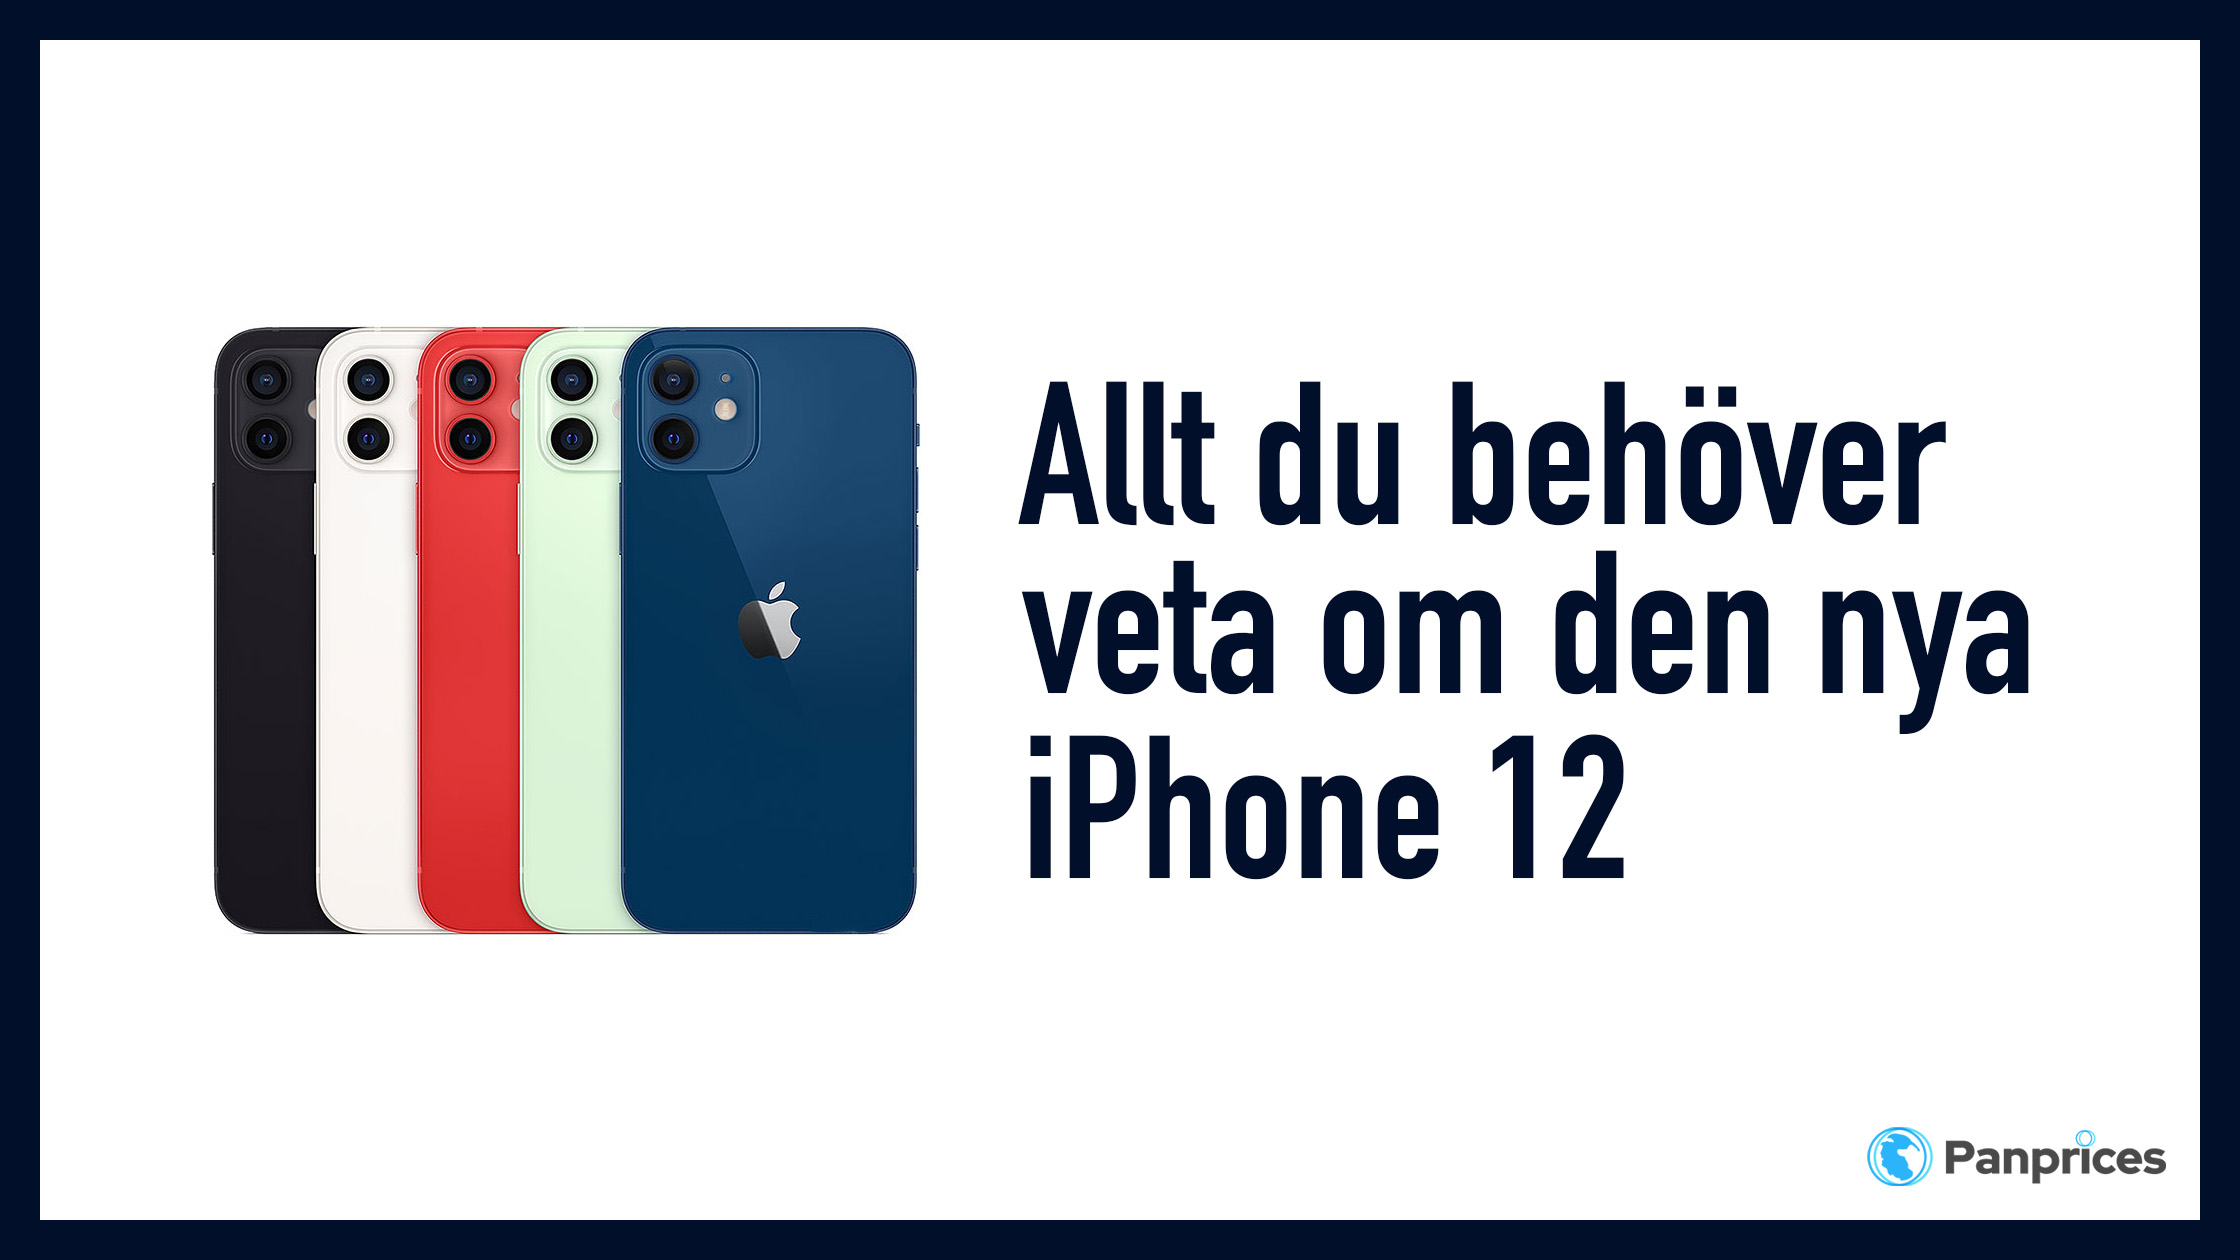 Allt du behöver veta om den nya 5G Iphone 12